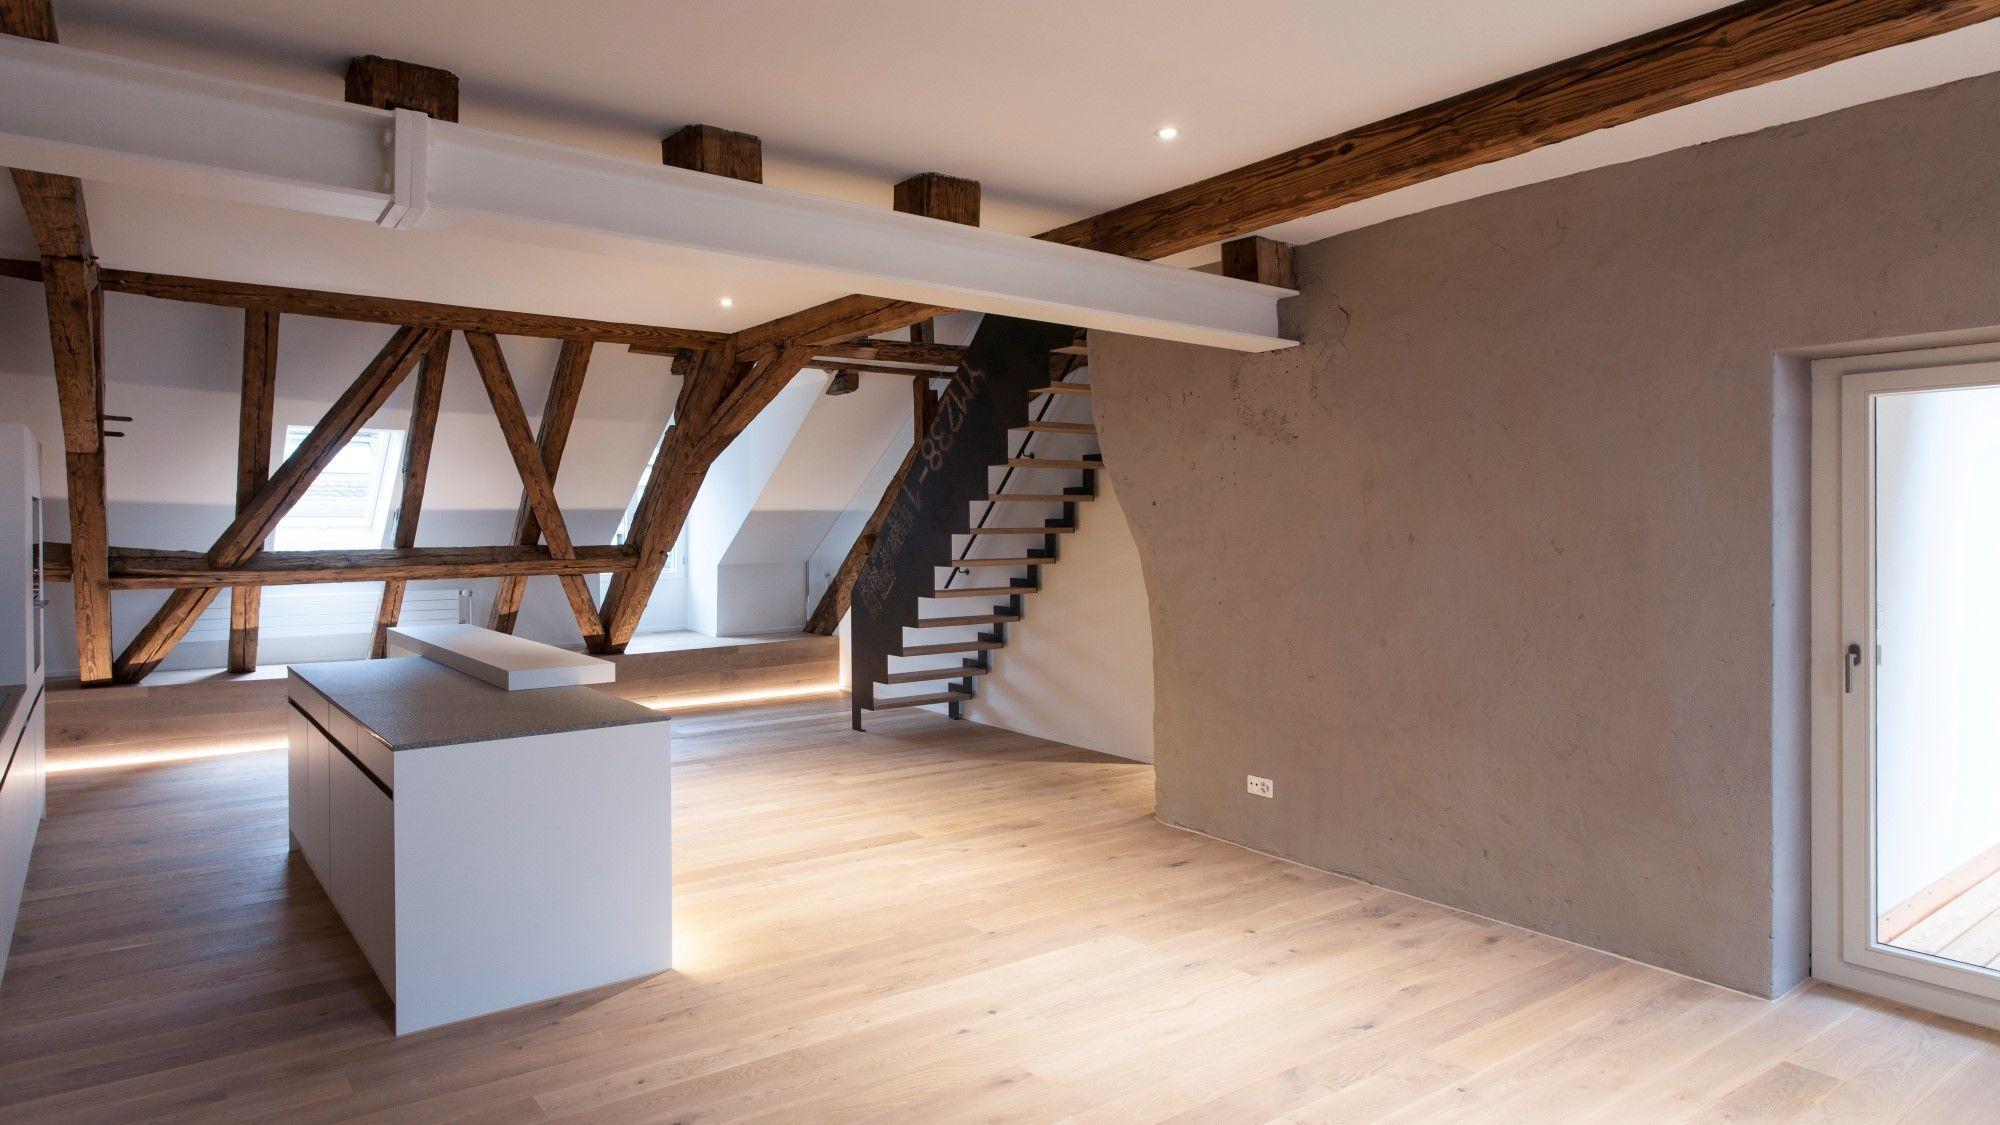 wangentreppe k che weiss dachwohnung parkett eiche einrichten pinterest parkett. Black Bedroom Furniture Sets. Home Design Ideas